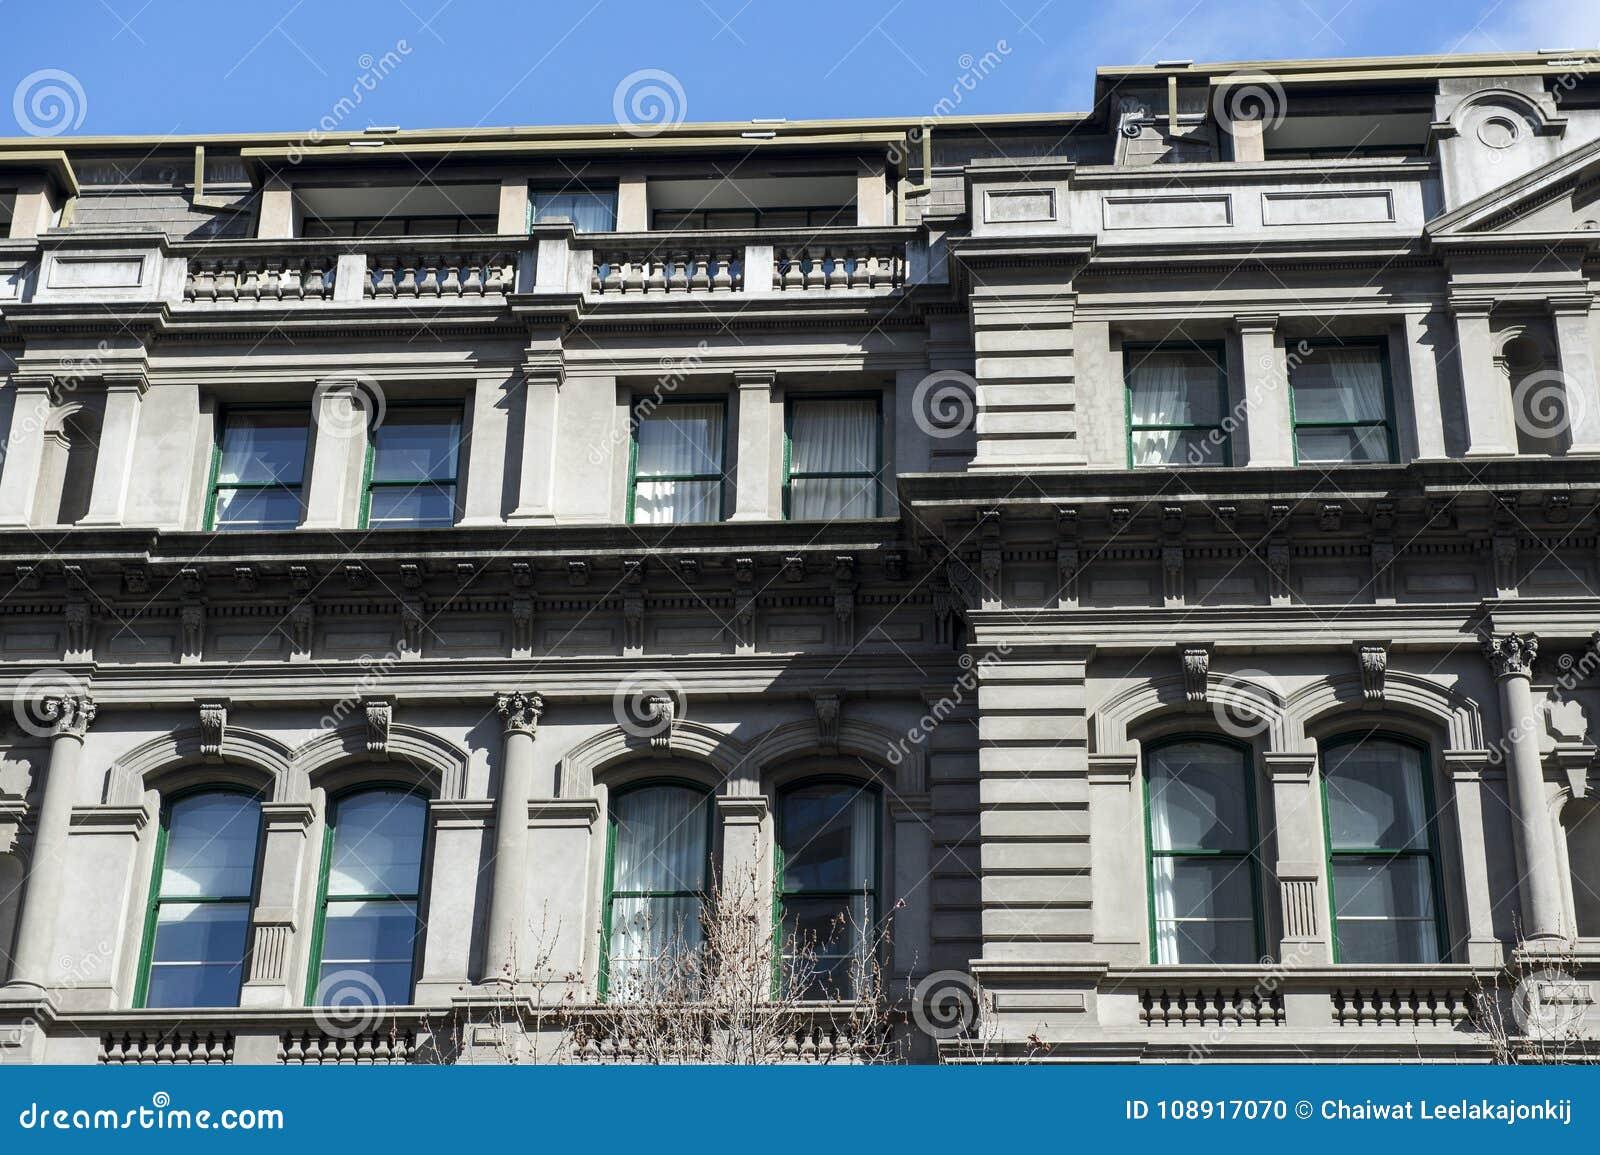 Architekturdetail des Gebäudes in Australien